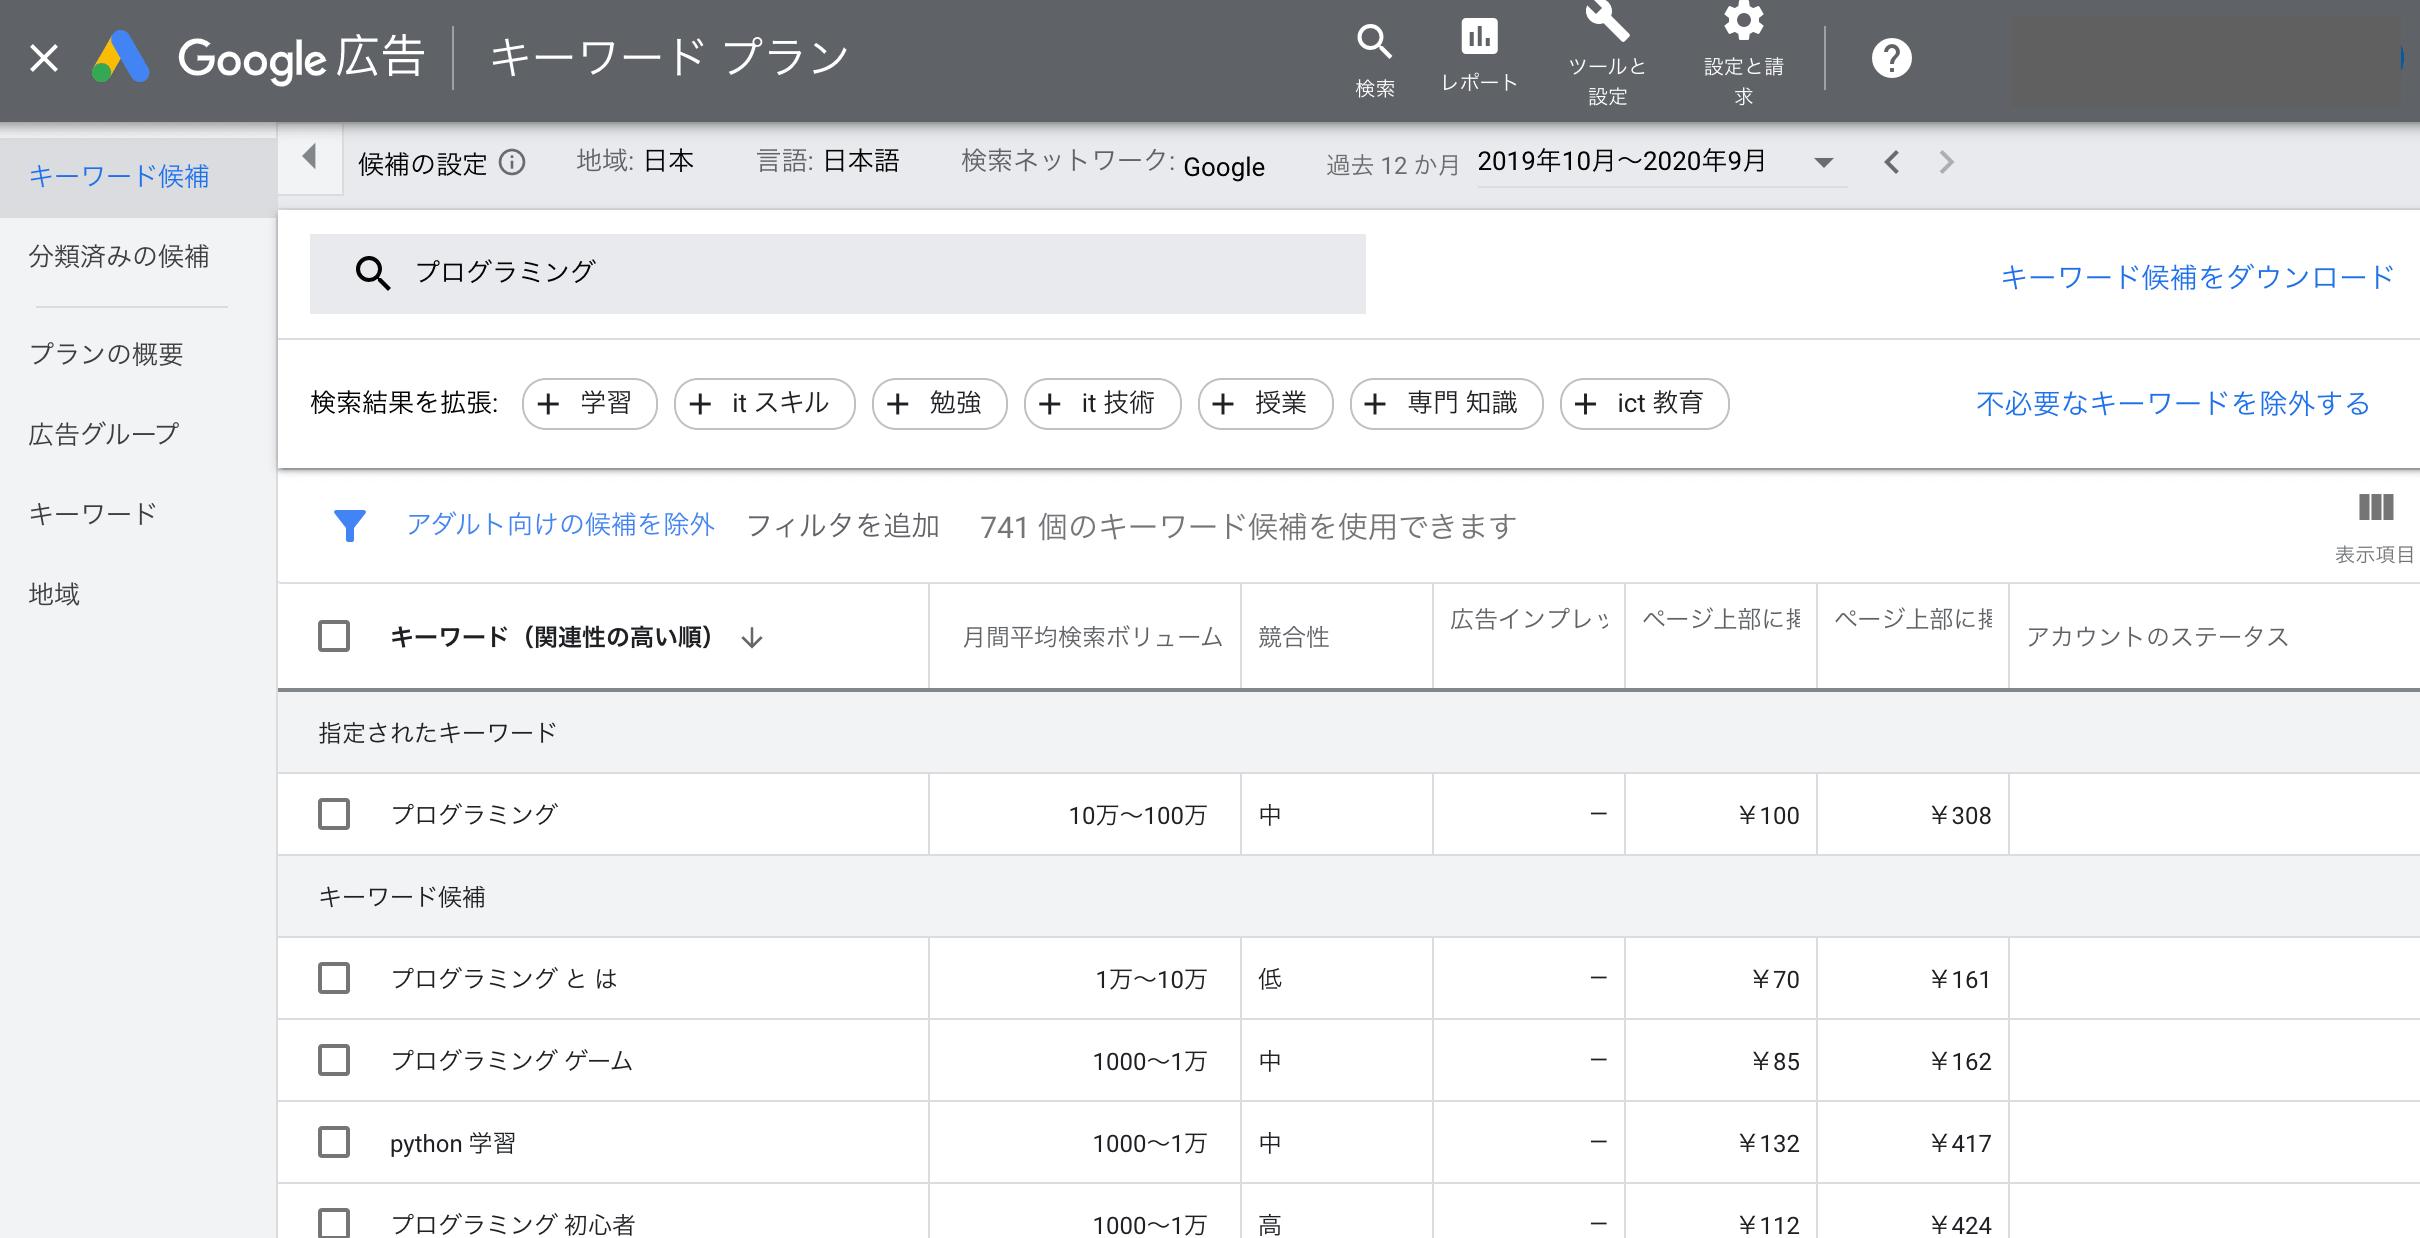 月間平均検索ボリュームの数値を見る